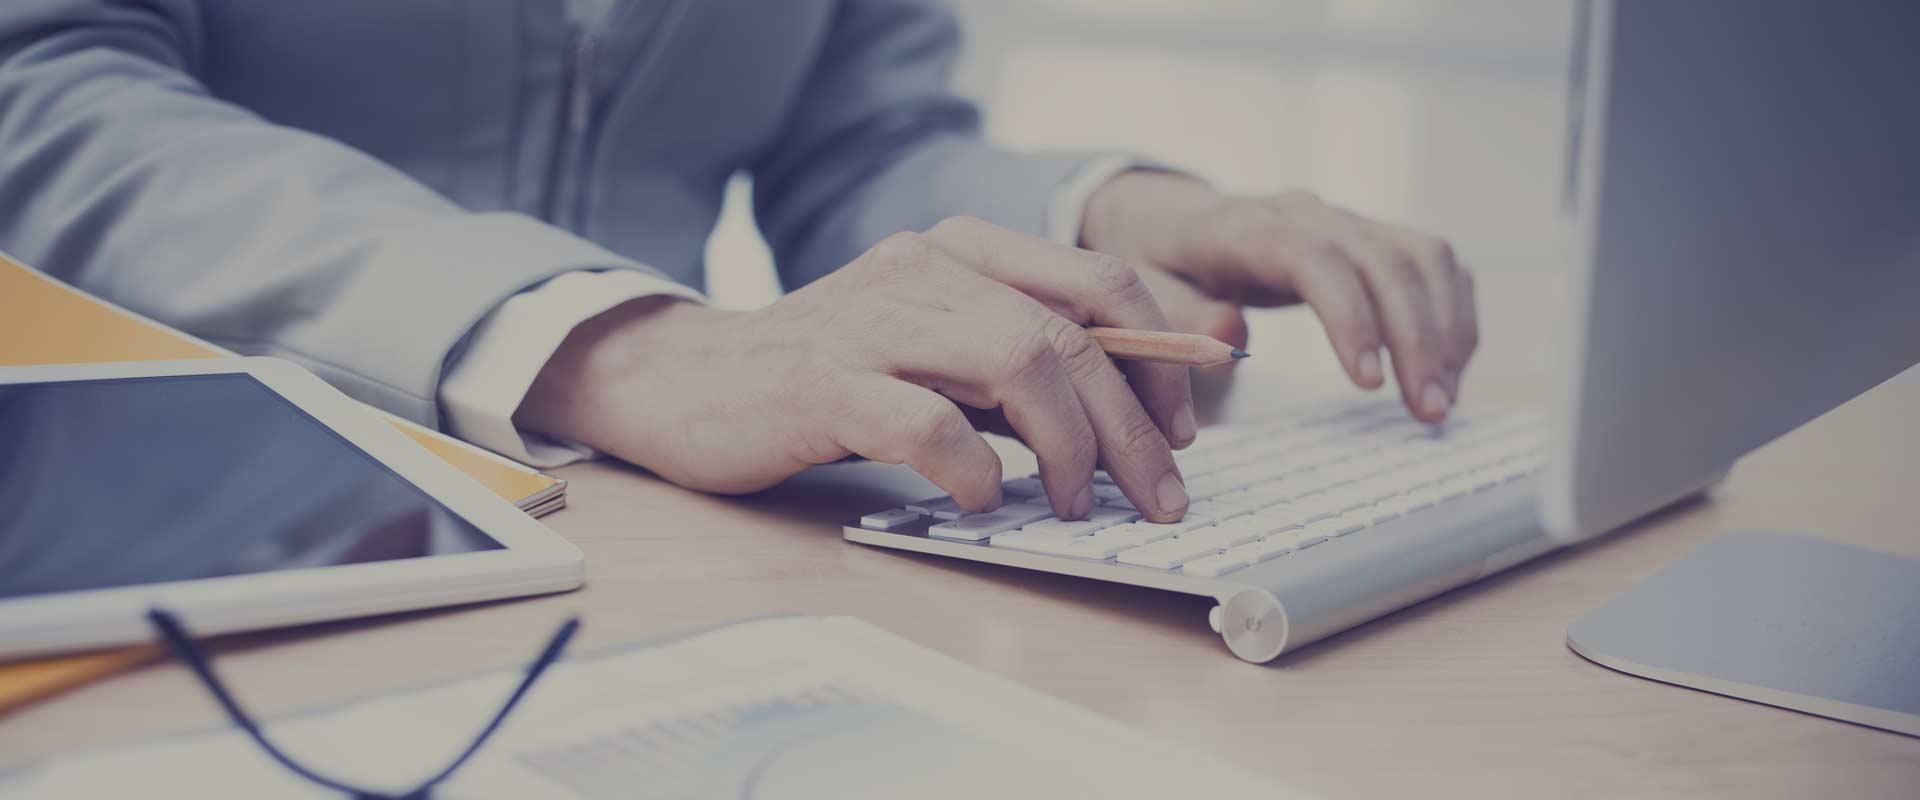 Abonnementen & Periodieke facturatie voor ondernemers